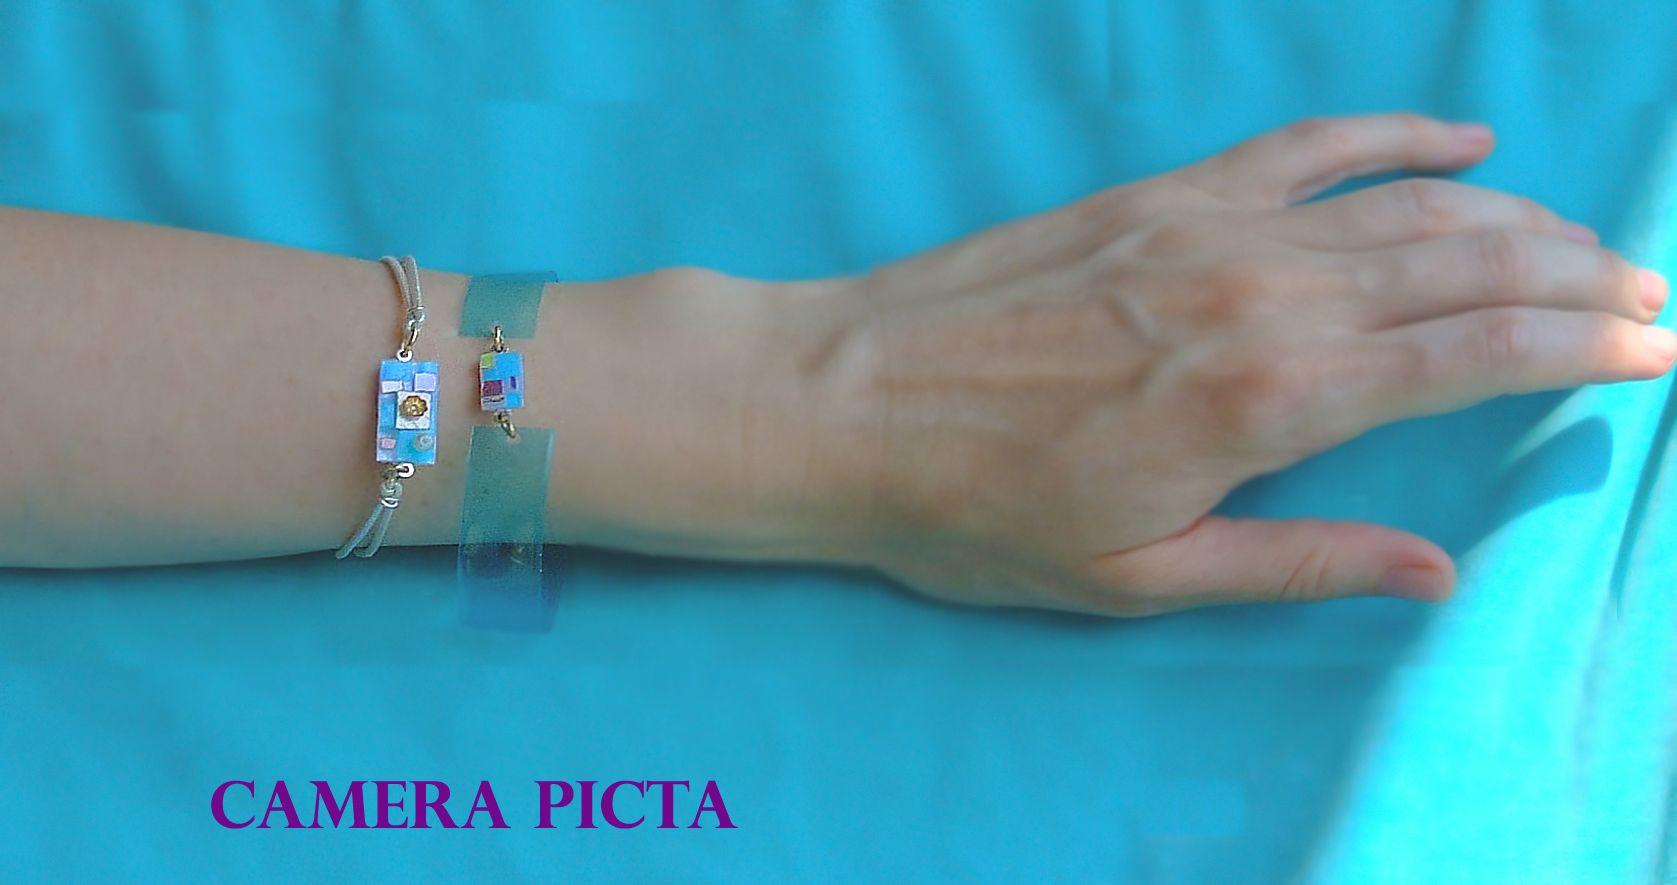 Serie di gioielli ispirata ai miei colori preferiti. Il motivo geometrico ripreso in ogni singolo pezzo, vuole essere un libero omaggio ai mosaici bizantini delle volte del Mausoleo di Galla Placidia a Ravenna. Nella foto sono riprodotti i due bracciali. Elementi centrali realizzati con lamine plastiche e brillantini, perle e fiorellini dorati.